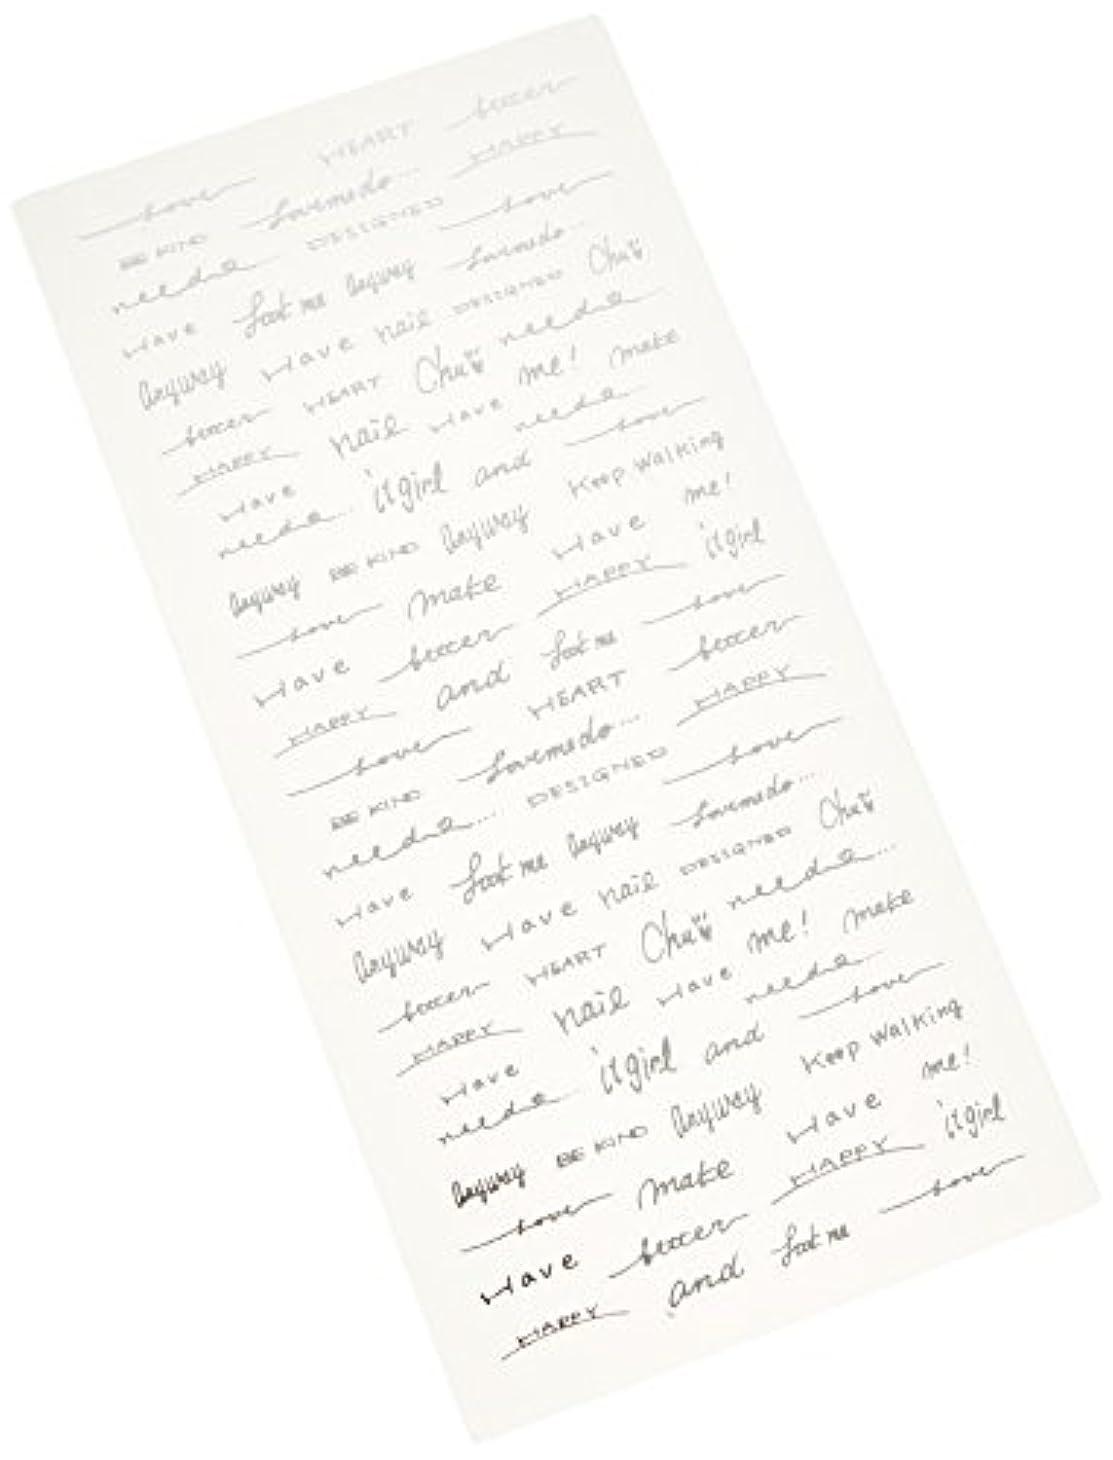 アイザックあらゆる種類のシュートツメキラ(TSUMEKIRA) ネイル用シール Freehand words シルバー SG-SAI-103